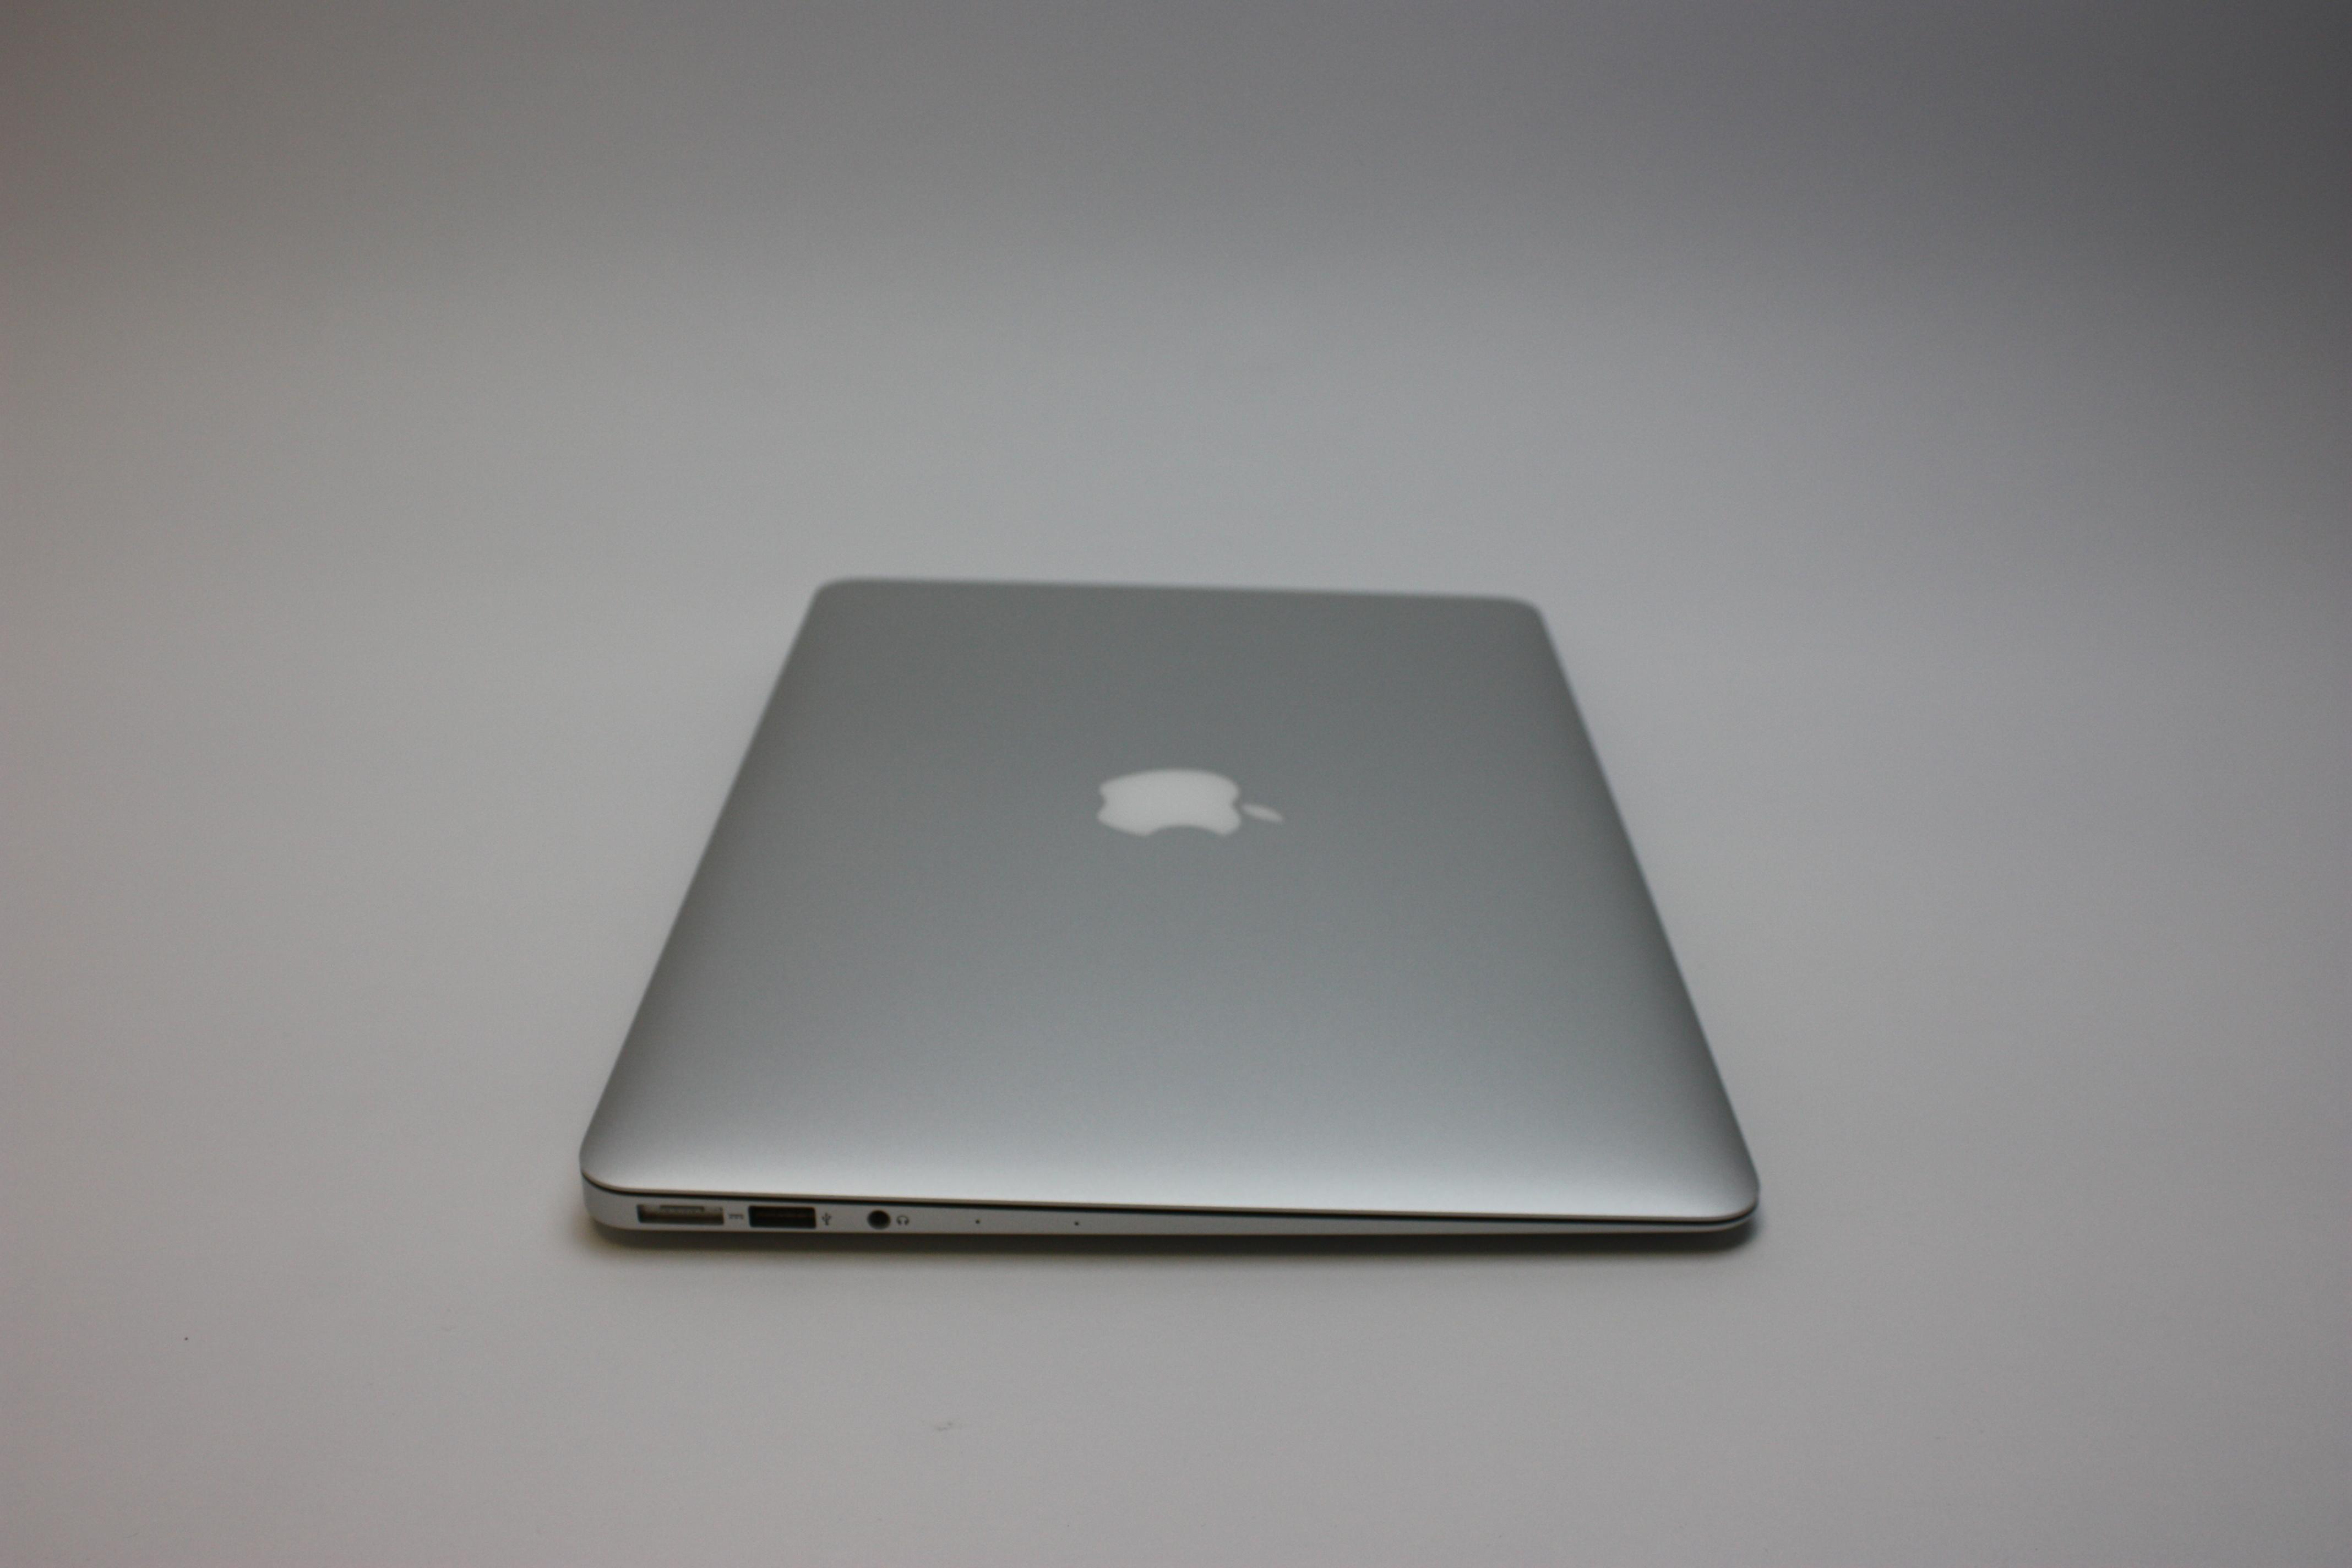 MacBook Air 13-inch, 1.6 GHz Core i5 (I5-5250U), 8 GB 1600 MHz DDR3, 128 GB Flash Storage, image 5